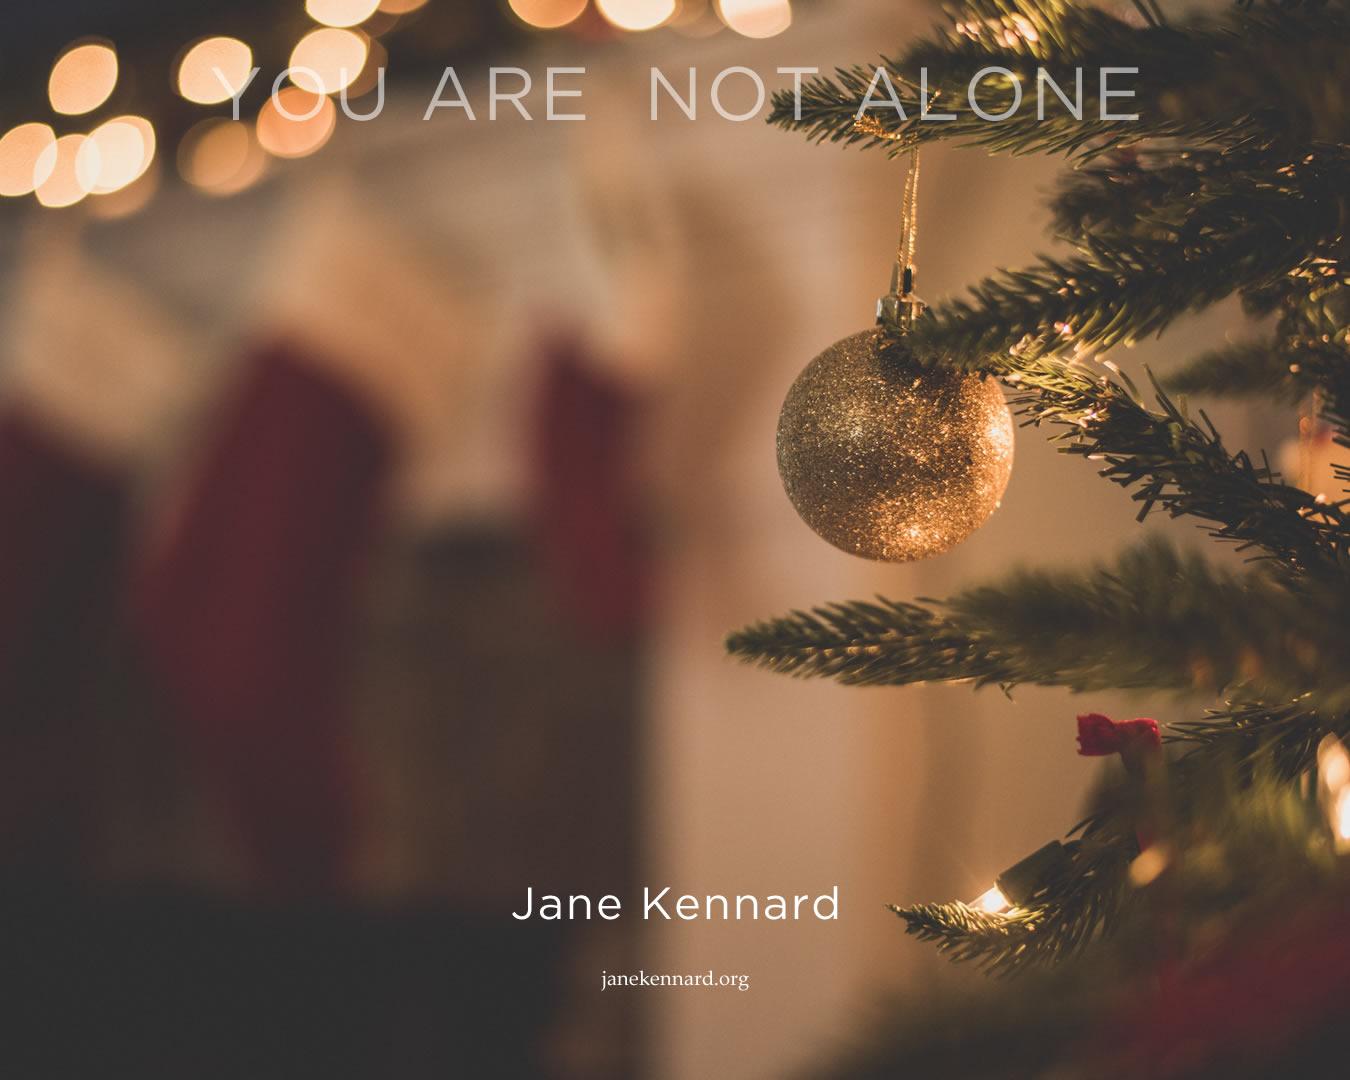 The-Holidays-with-Jane-Kennard-2020-photo-chad-madden-SUTfFCAHV_A-unsplash